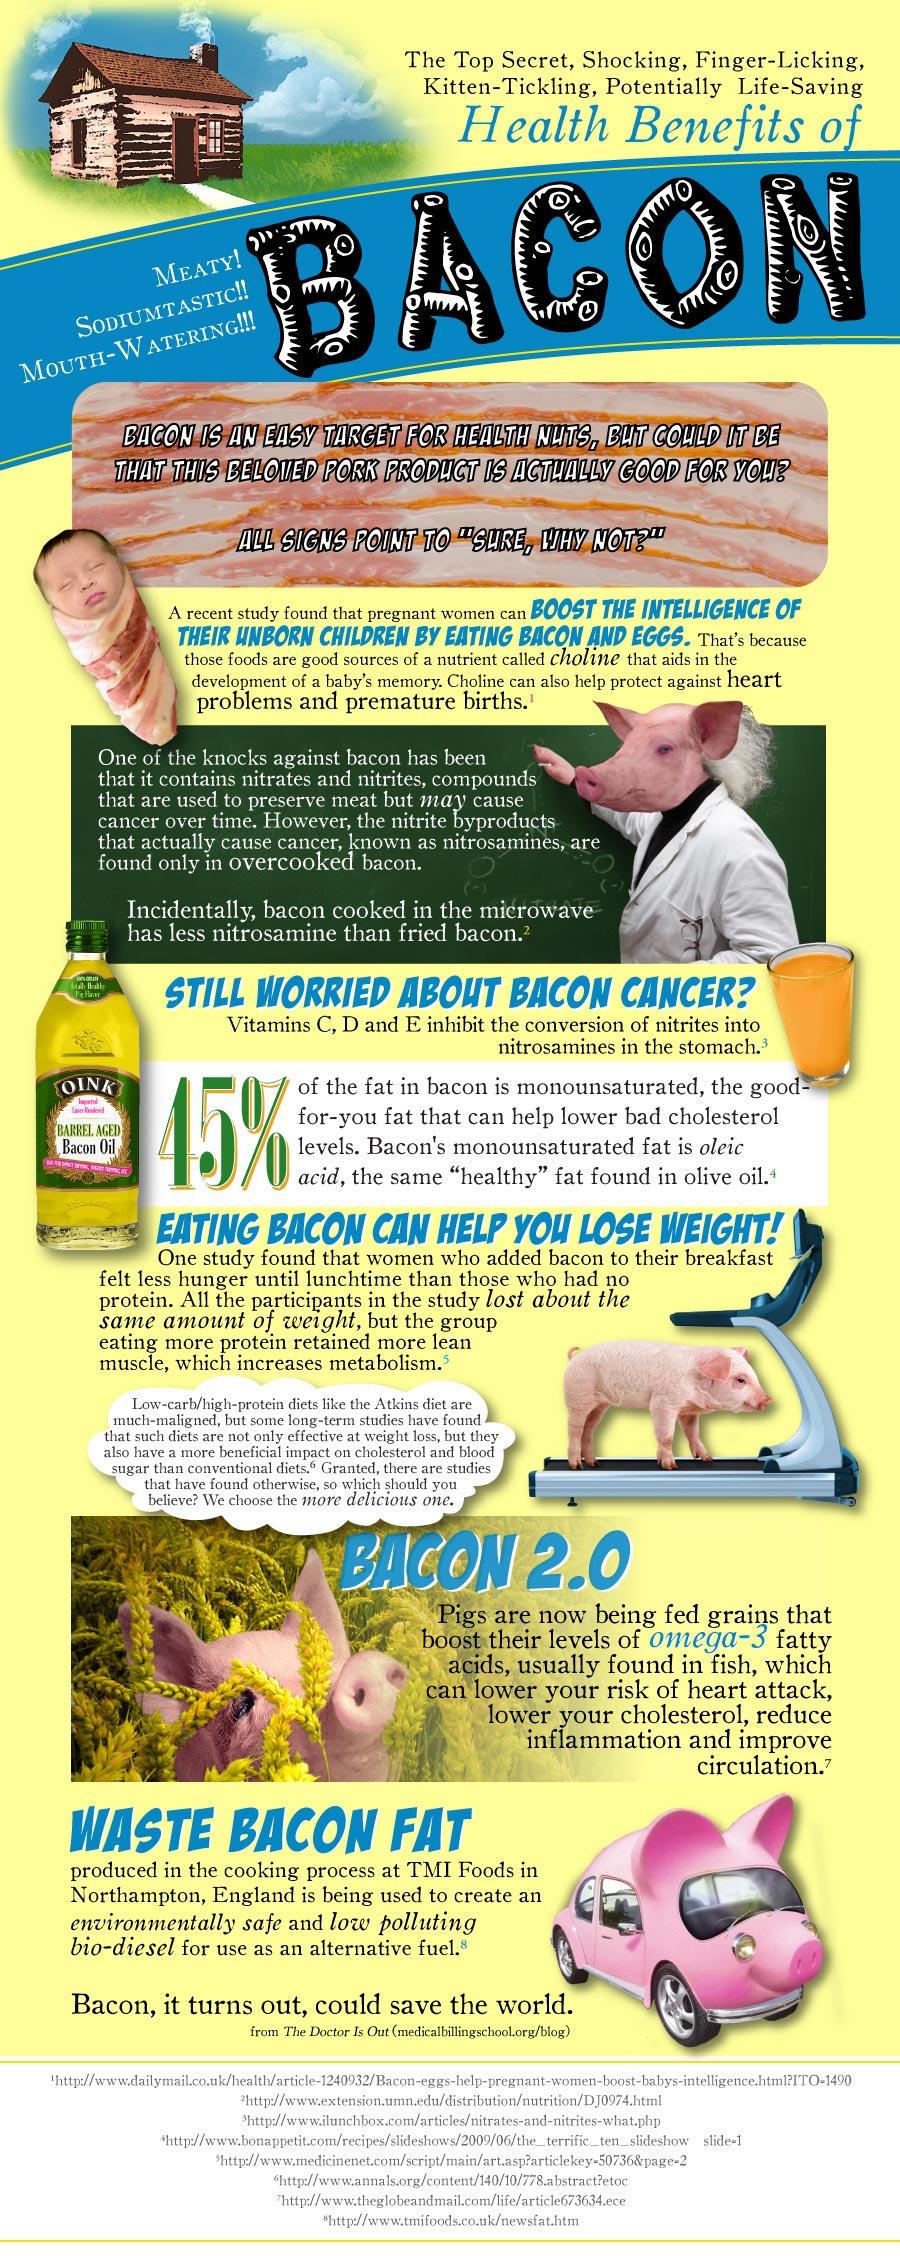 BaconBenefitsInfographic